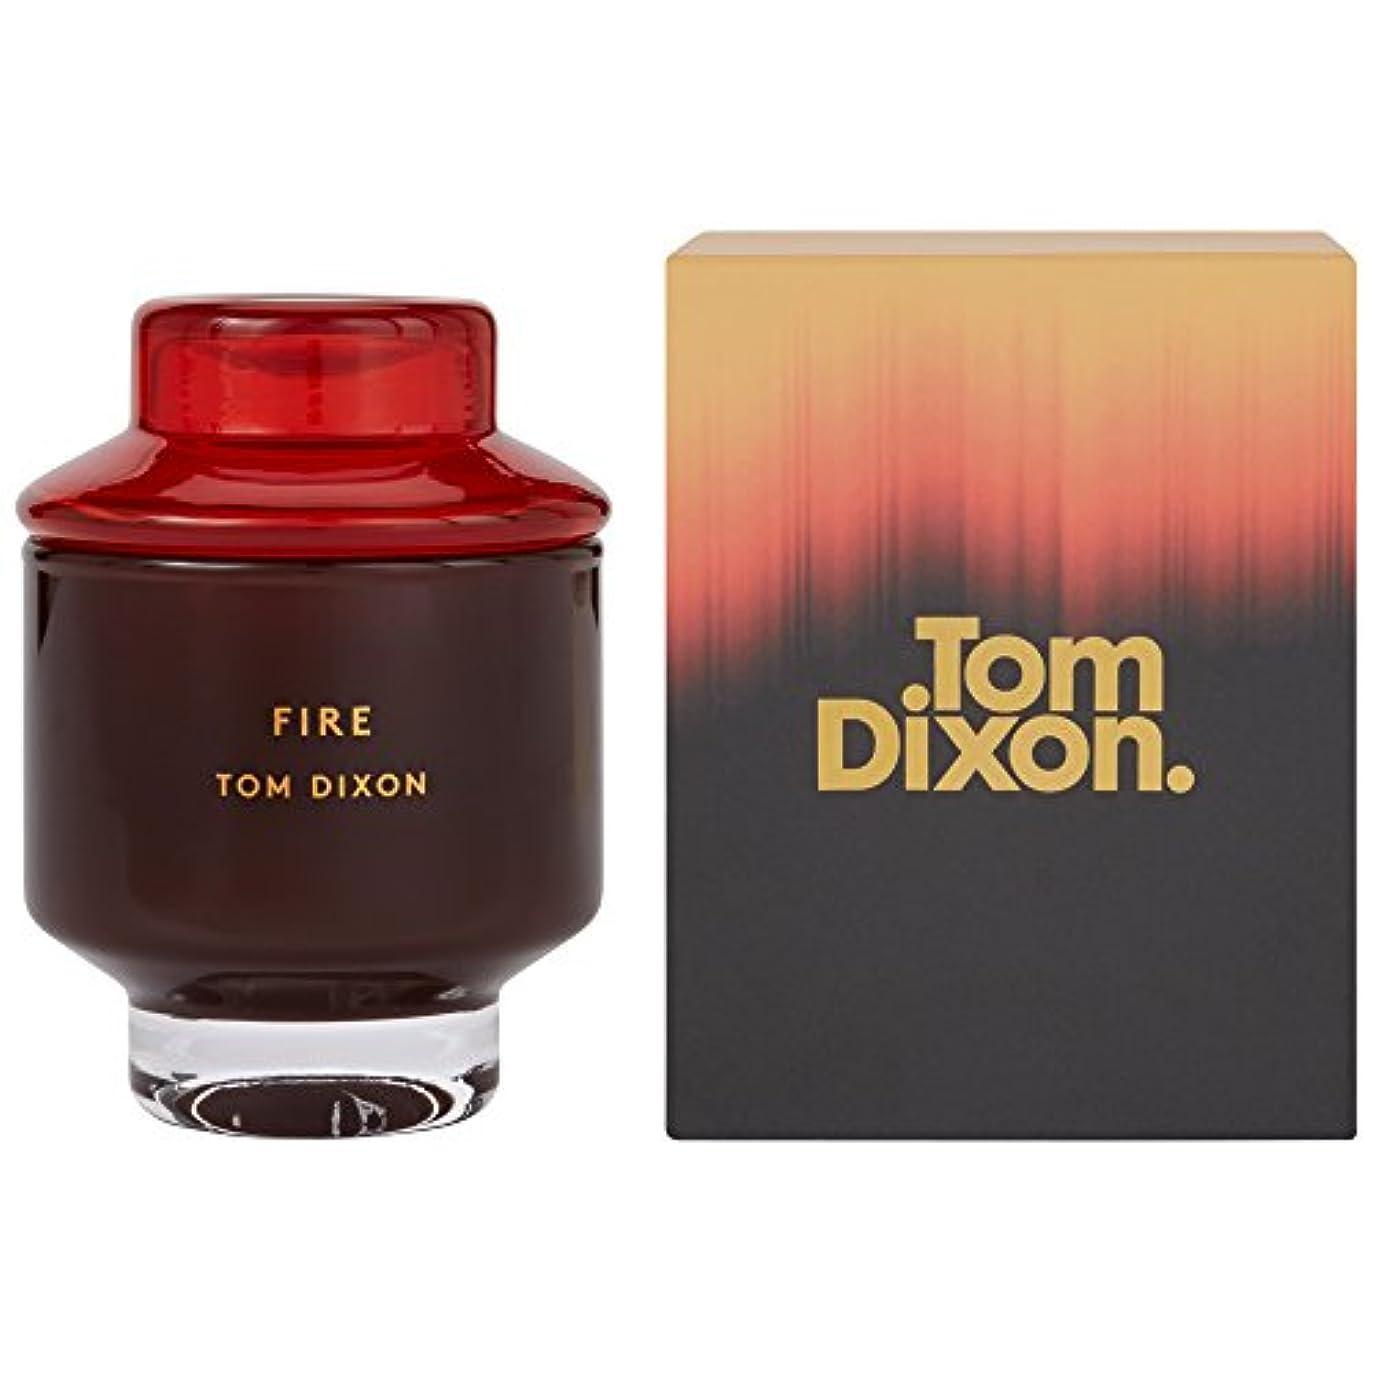 道徳アーティストハッチトム?ディクソン火災香りのキャンドル媒体 x6 - Tom Dixon Fire Scented Candle Medium (Pack of 6) [並行輸入品]